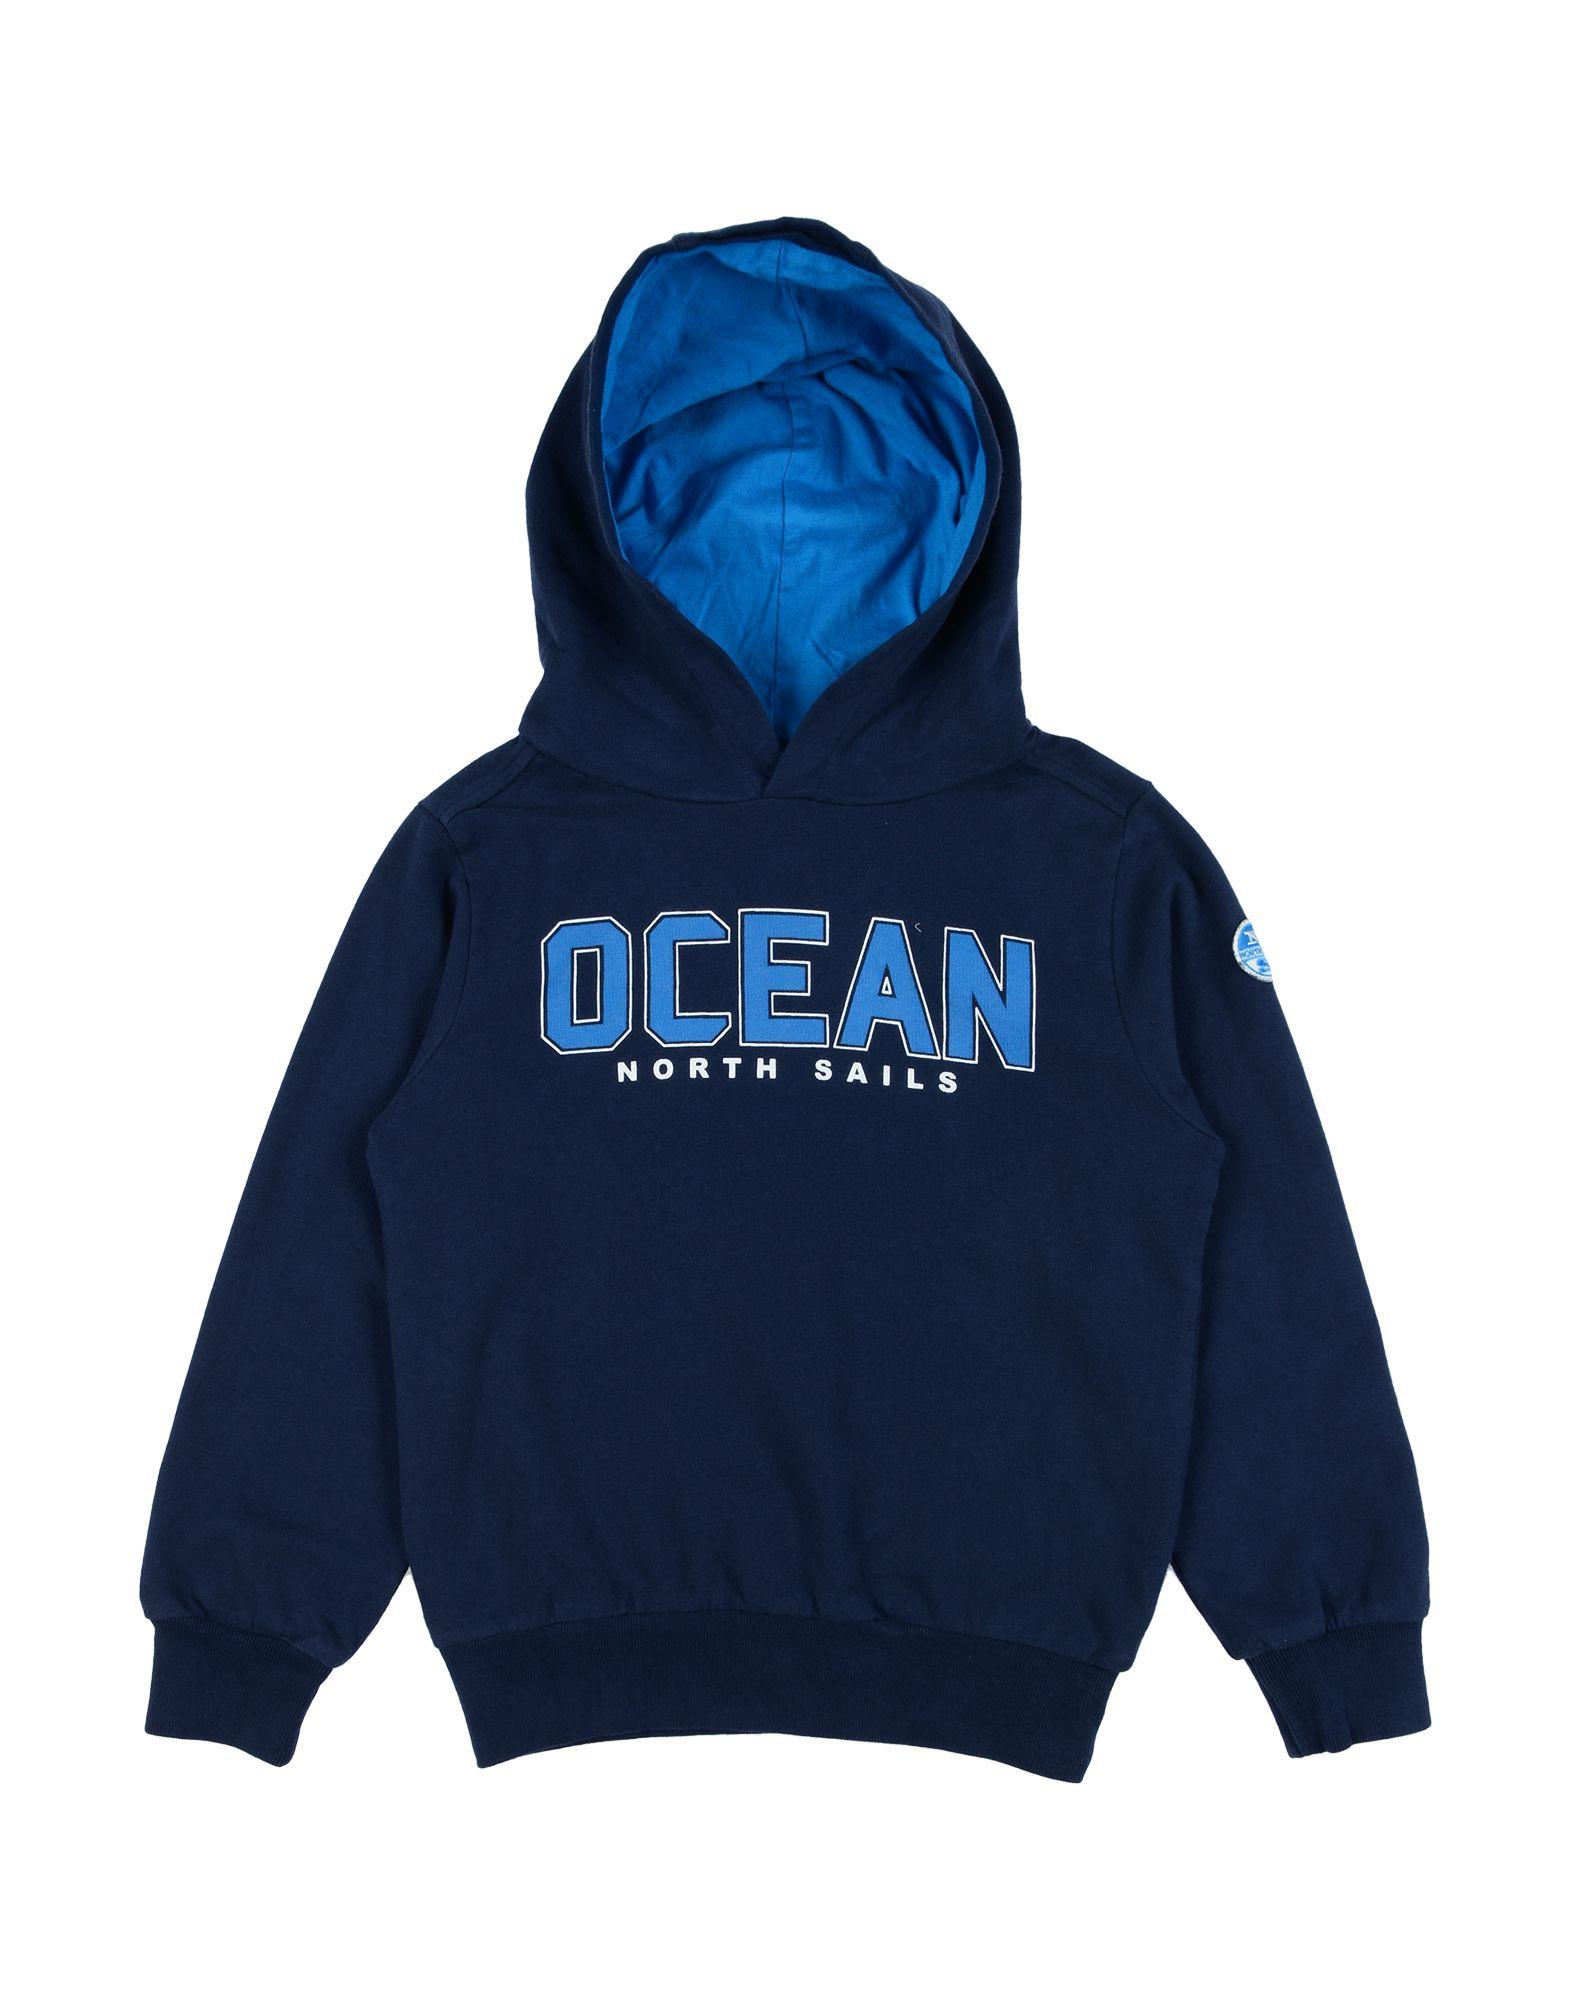 NORTH SAILS Jungen 3-8 jahre Sweatshirt4 blau